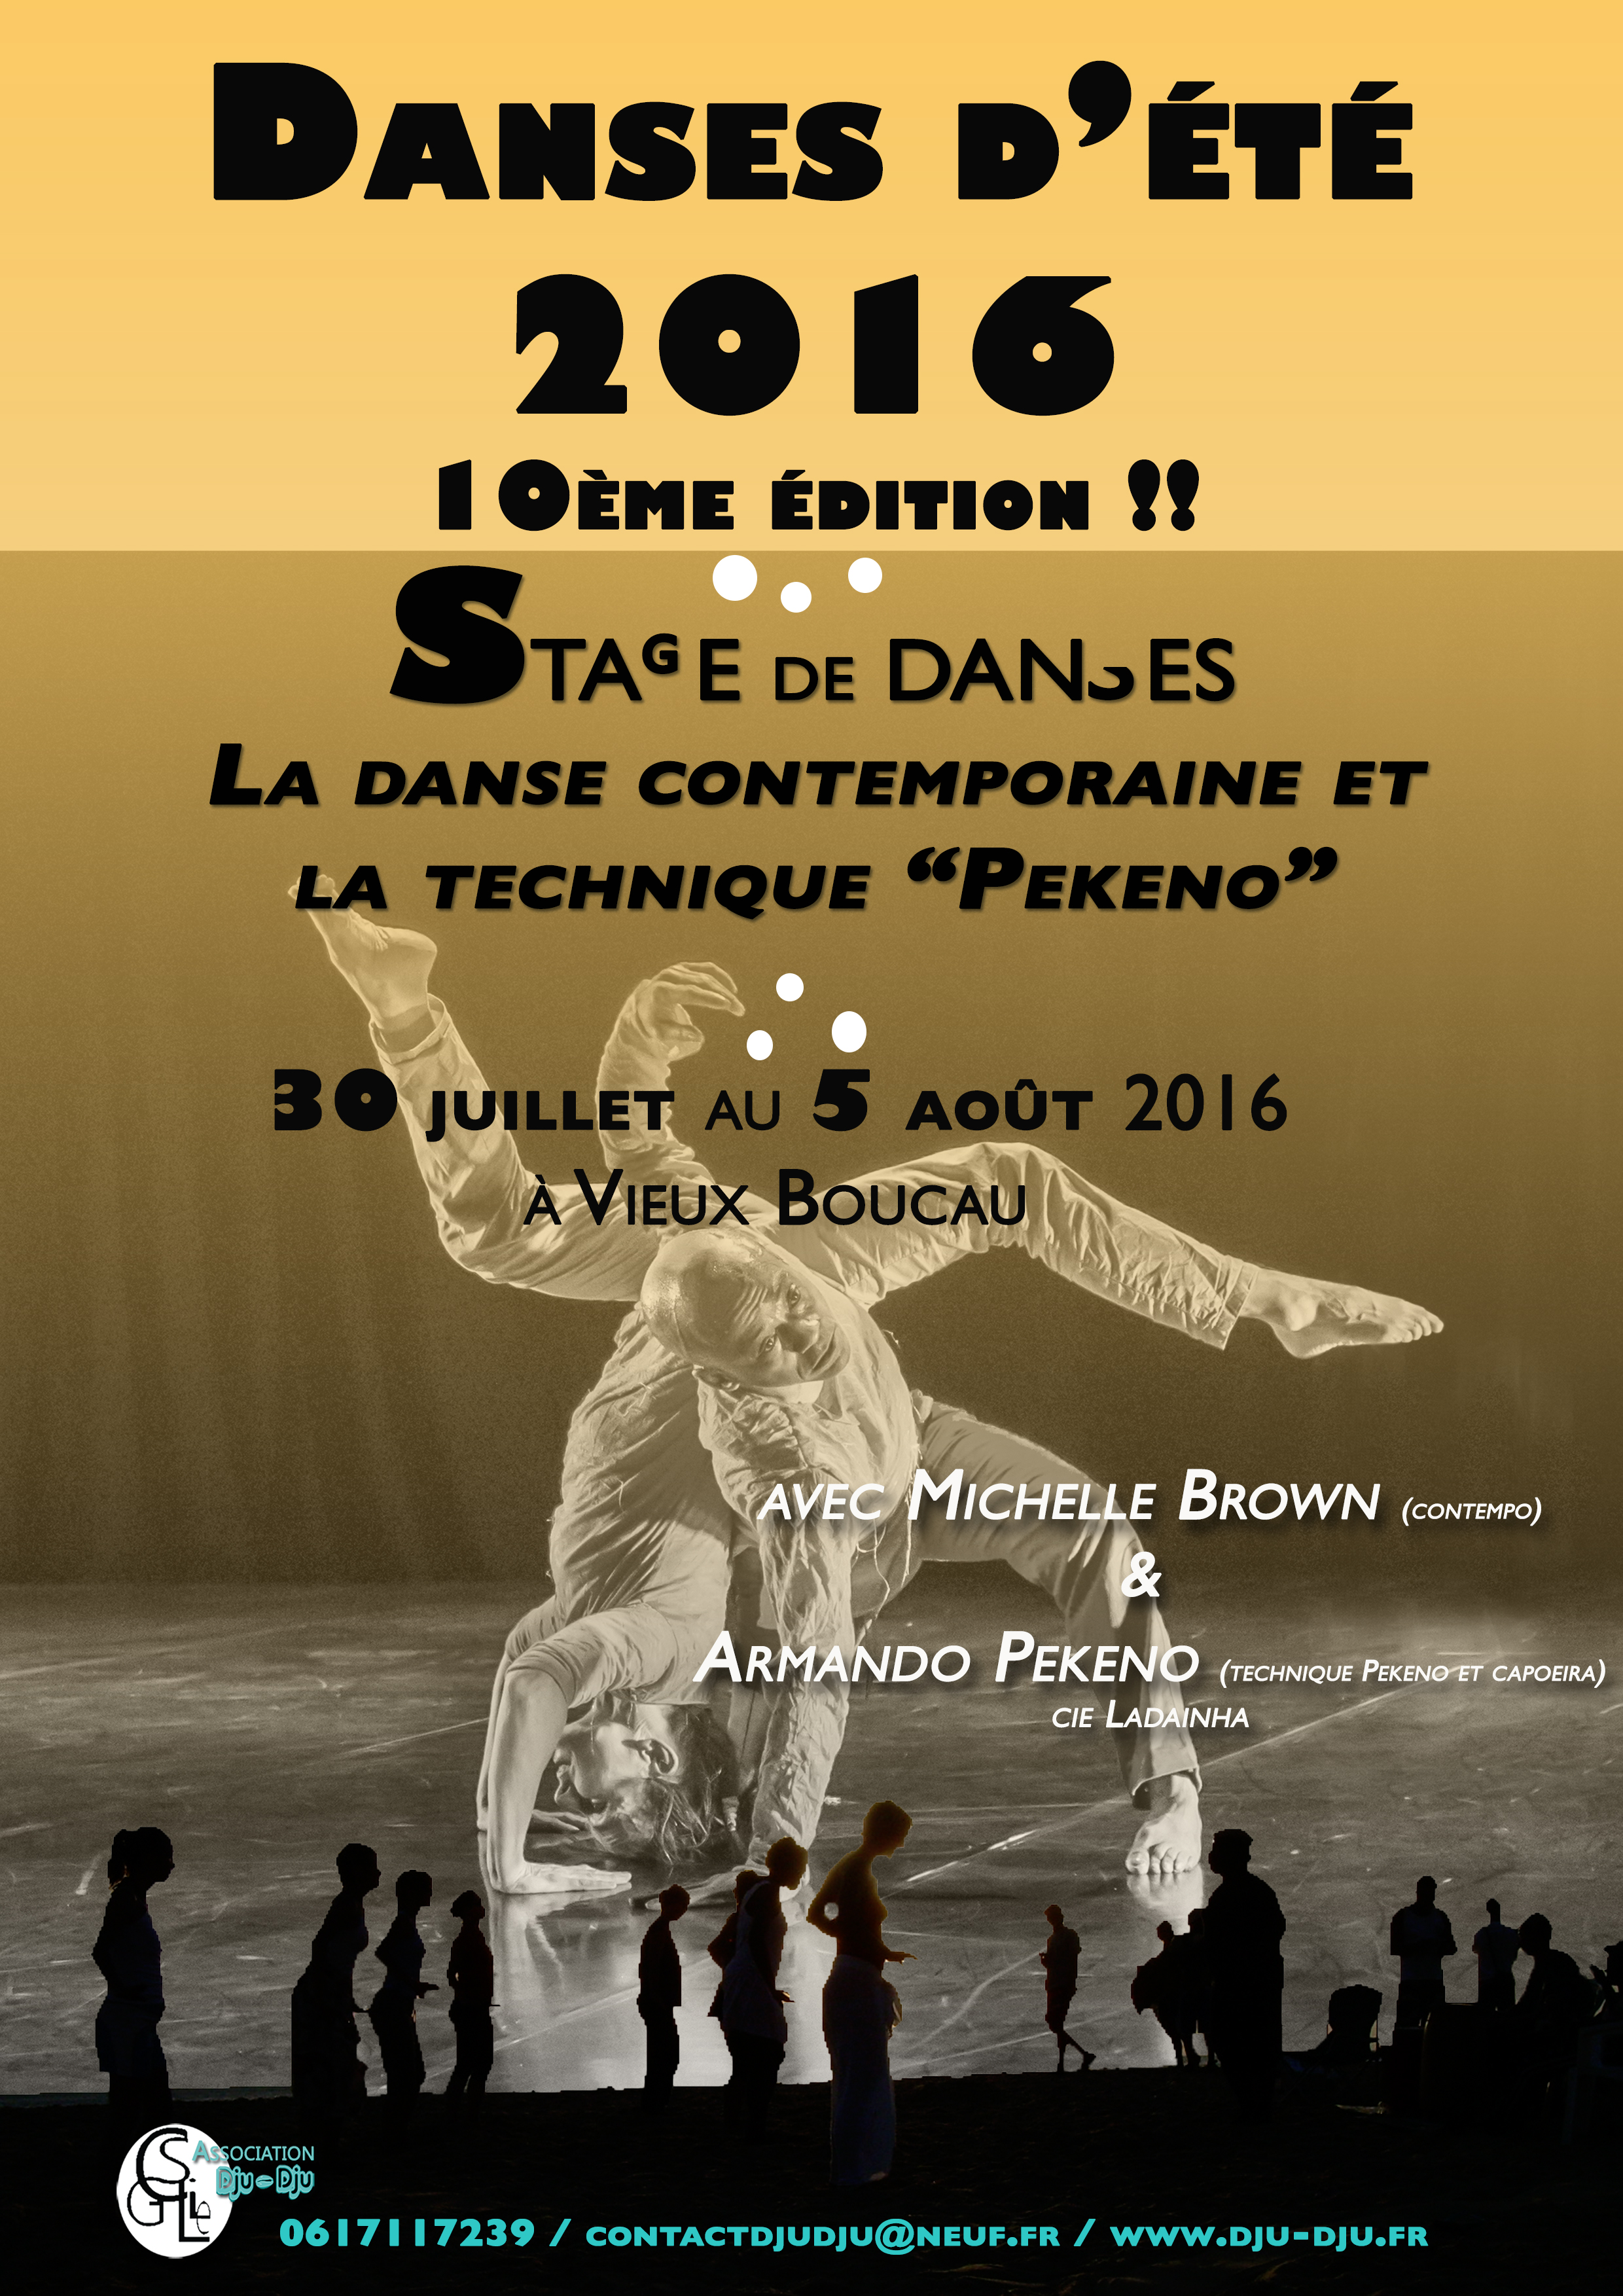 """Danses d'été 2016, la 10ème : le contempo et la technique """"Pekeno"""""""